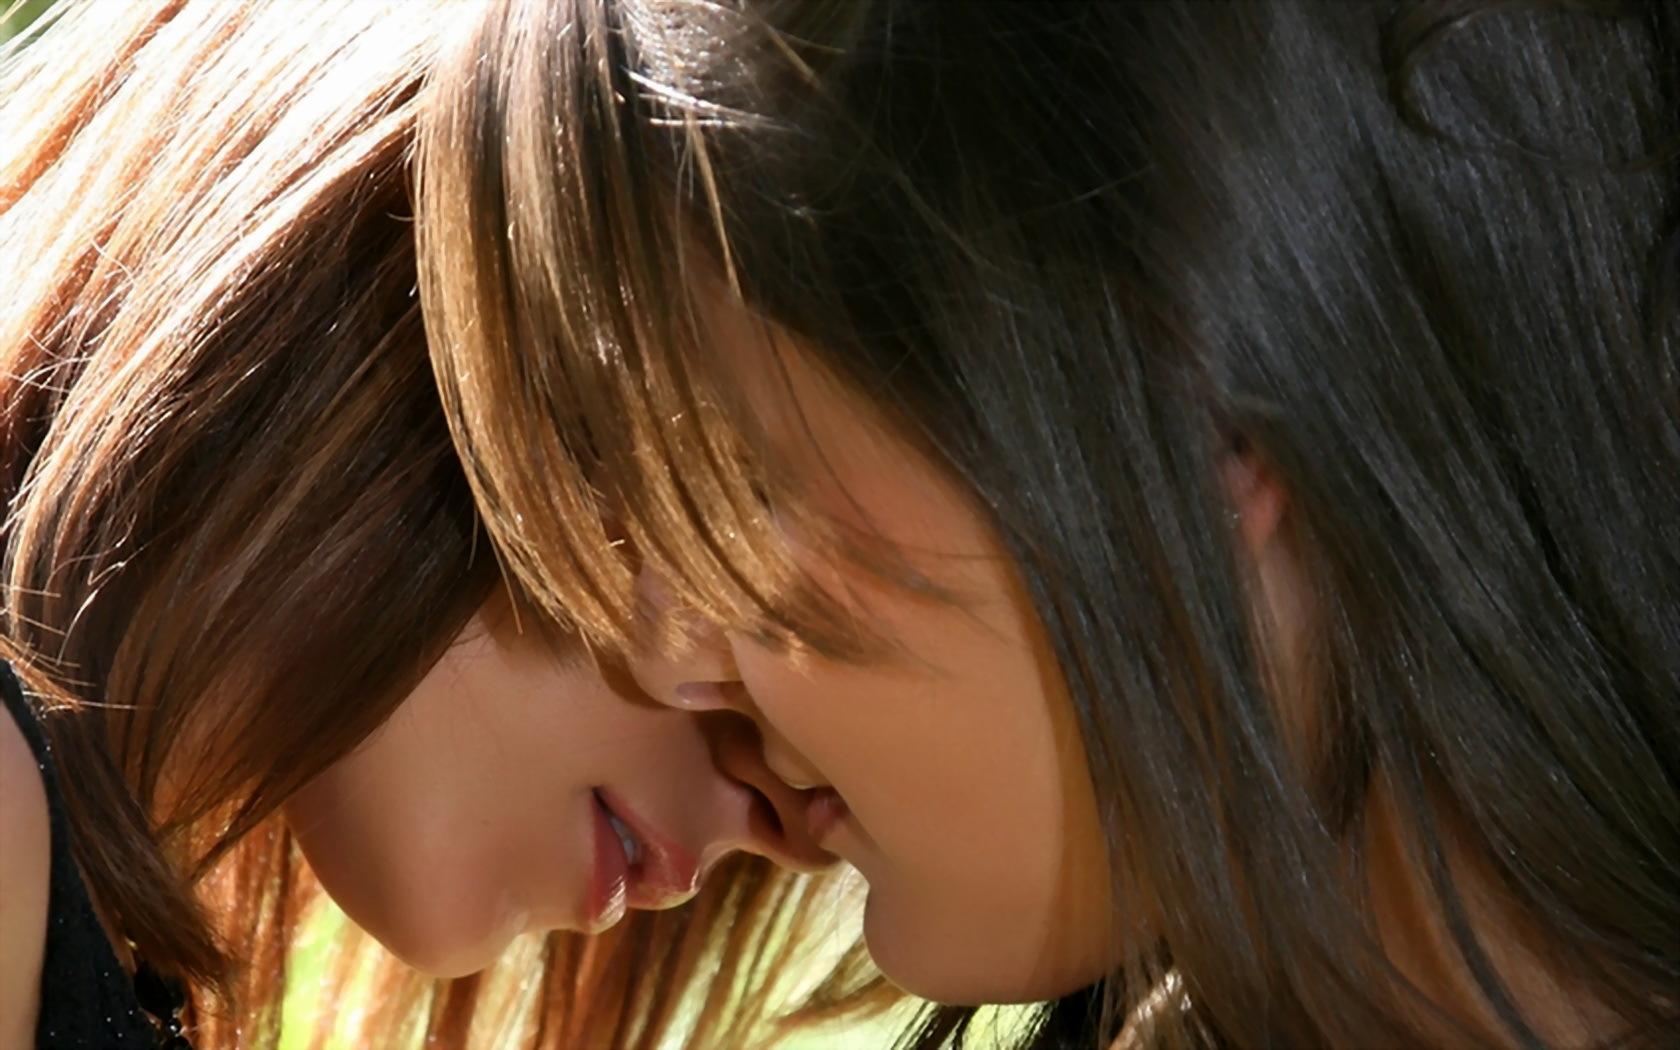 Картинки целующихся девушек, смешными надписями